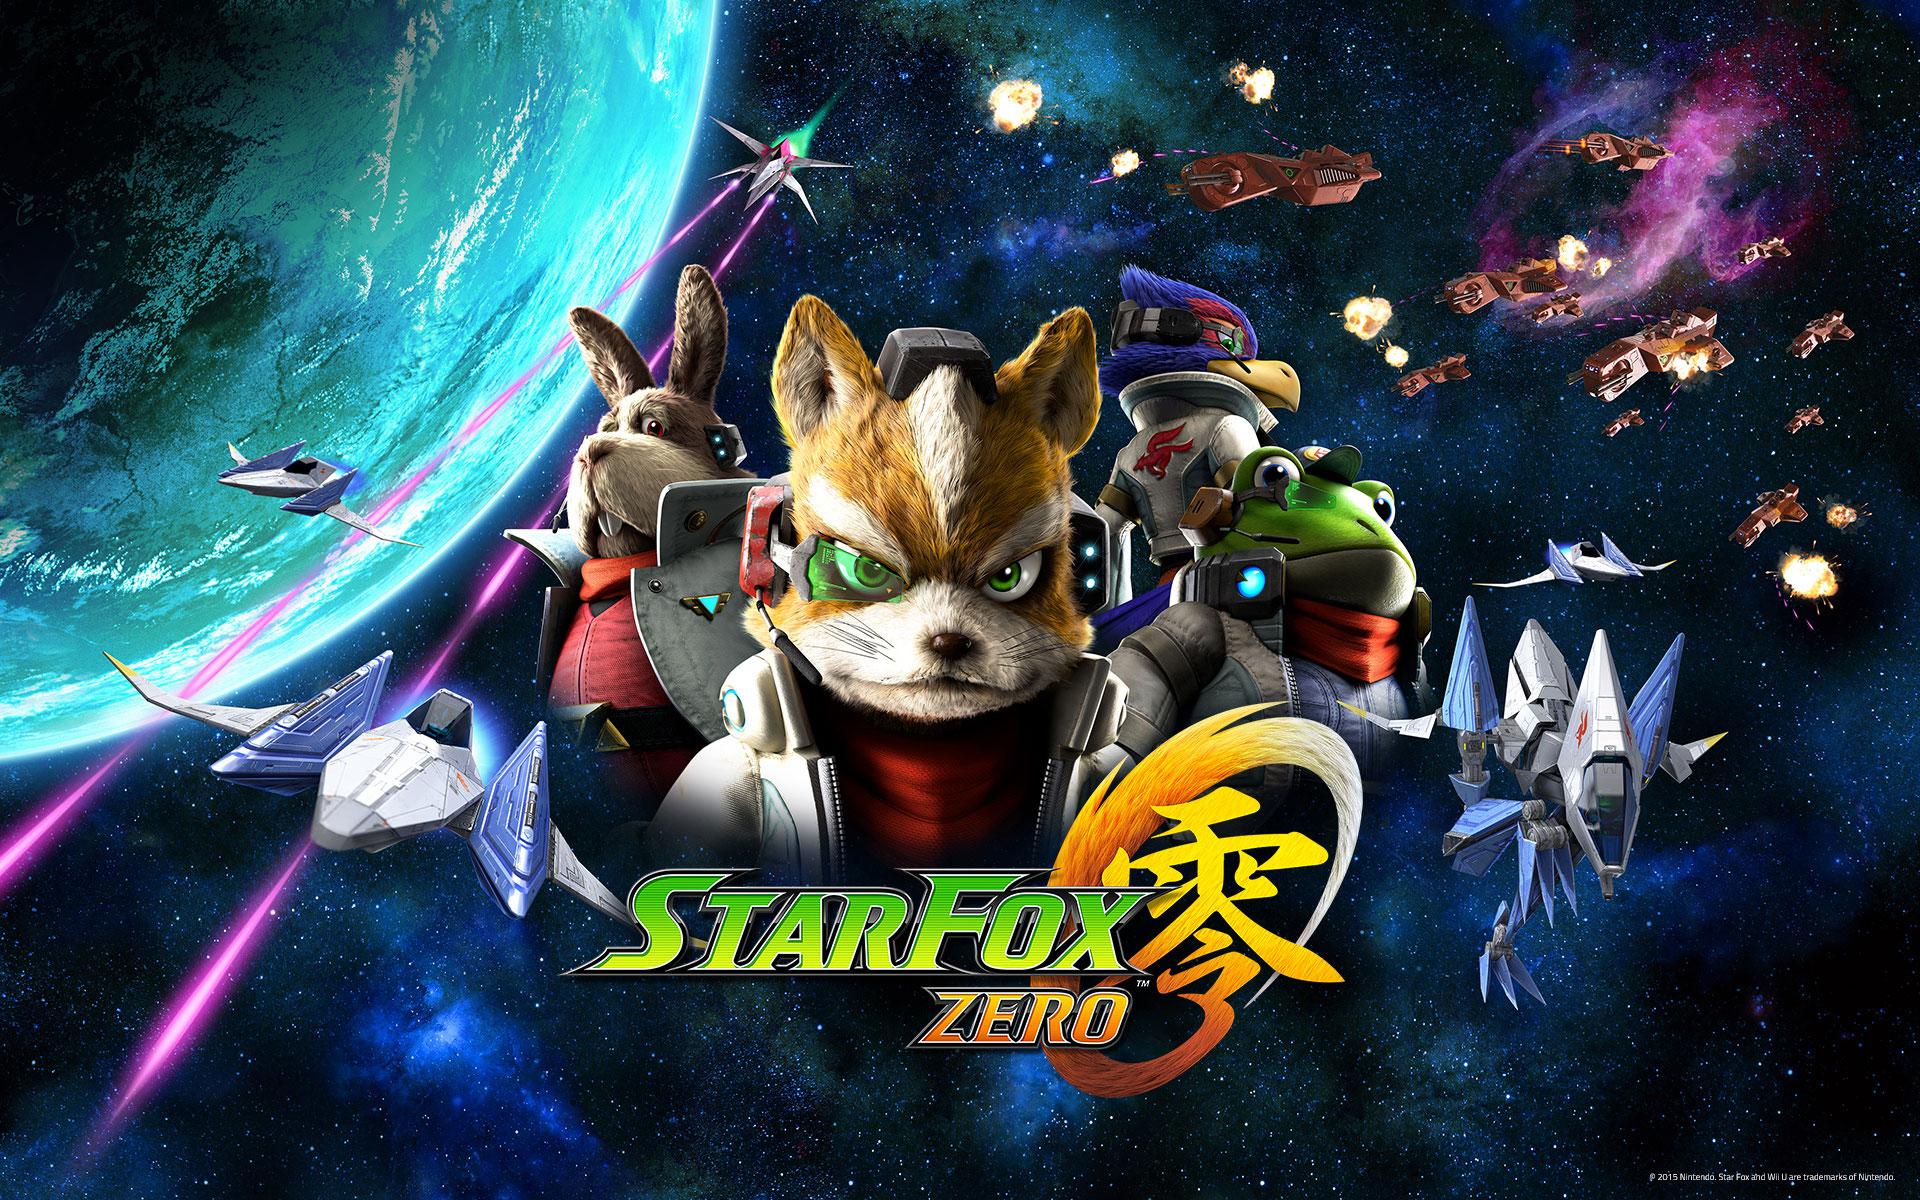 Conocé la historia de Star Fox Zero